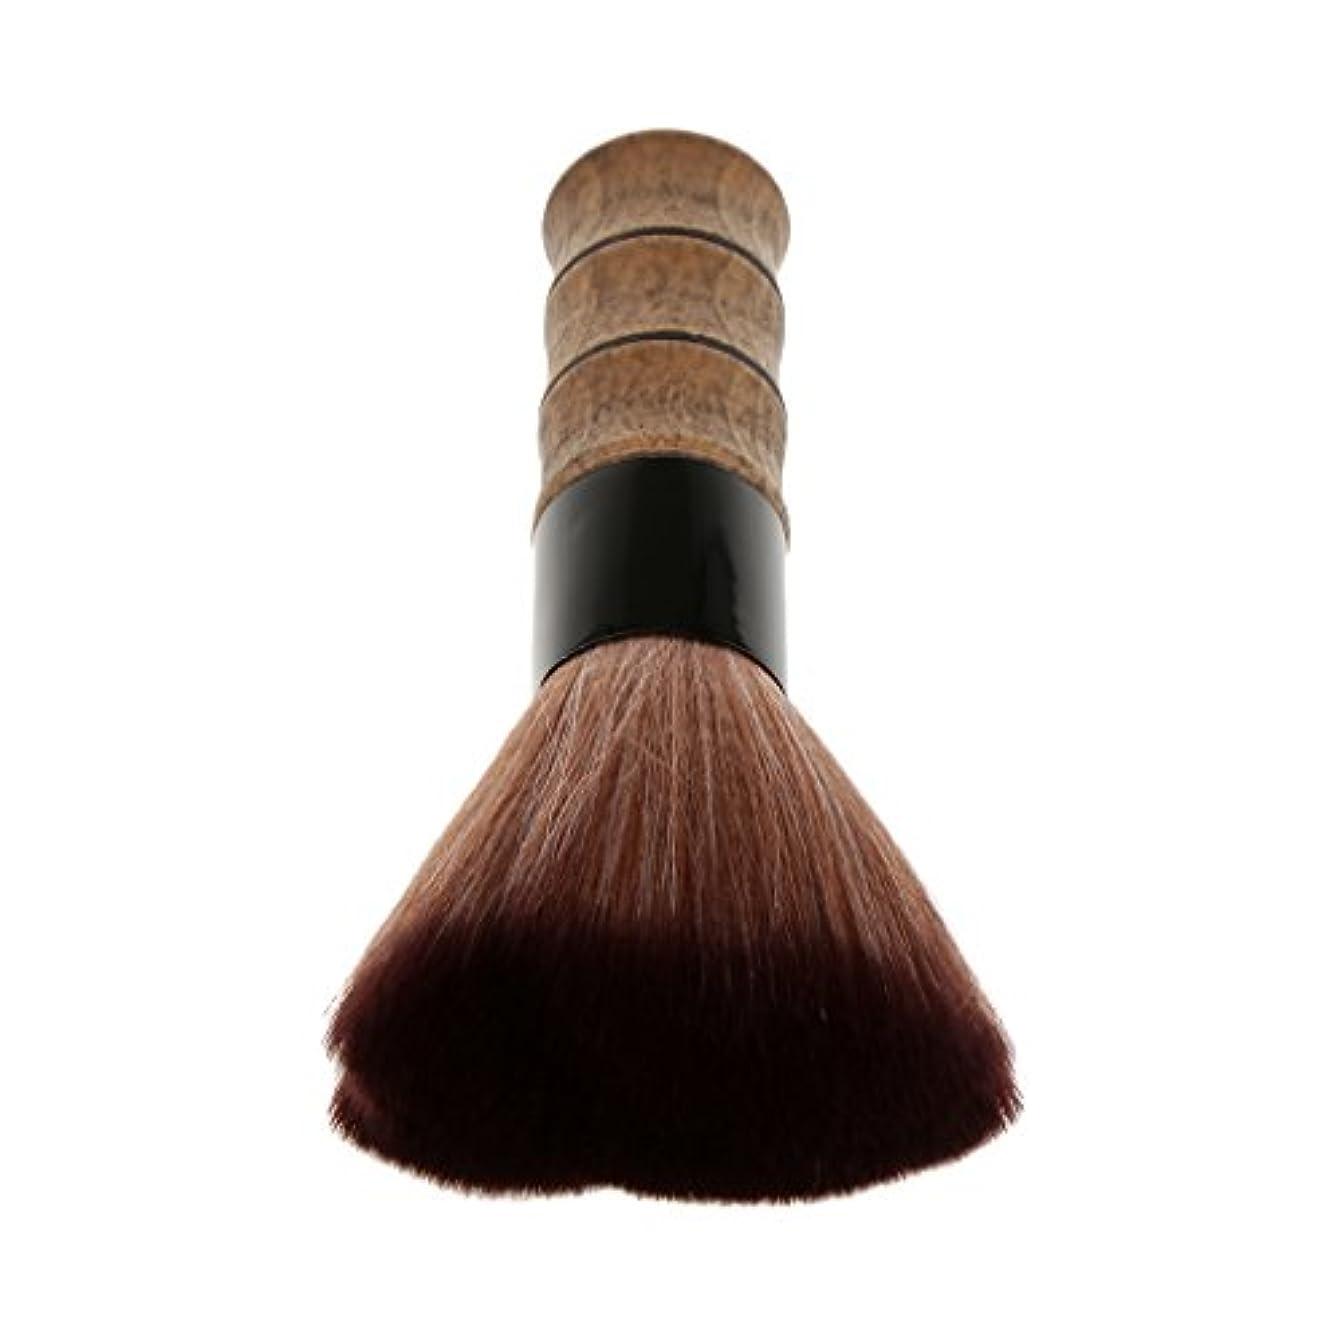 デジタル解凍する、雪解け、霜解け散るFenteer シェービングブラシ ソフトファイバー 脱毛 シェービング ブラシ ブラッシュ ルーズパウダー メイクブラシ 繊維+竹ハンドル 2色選べる - 褐色